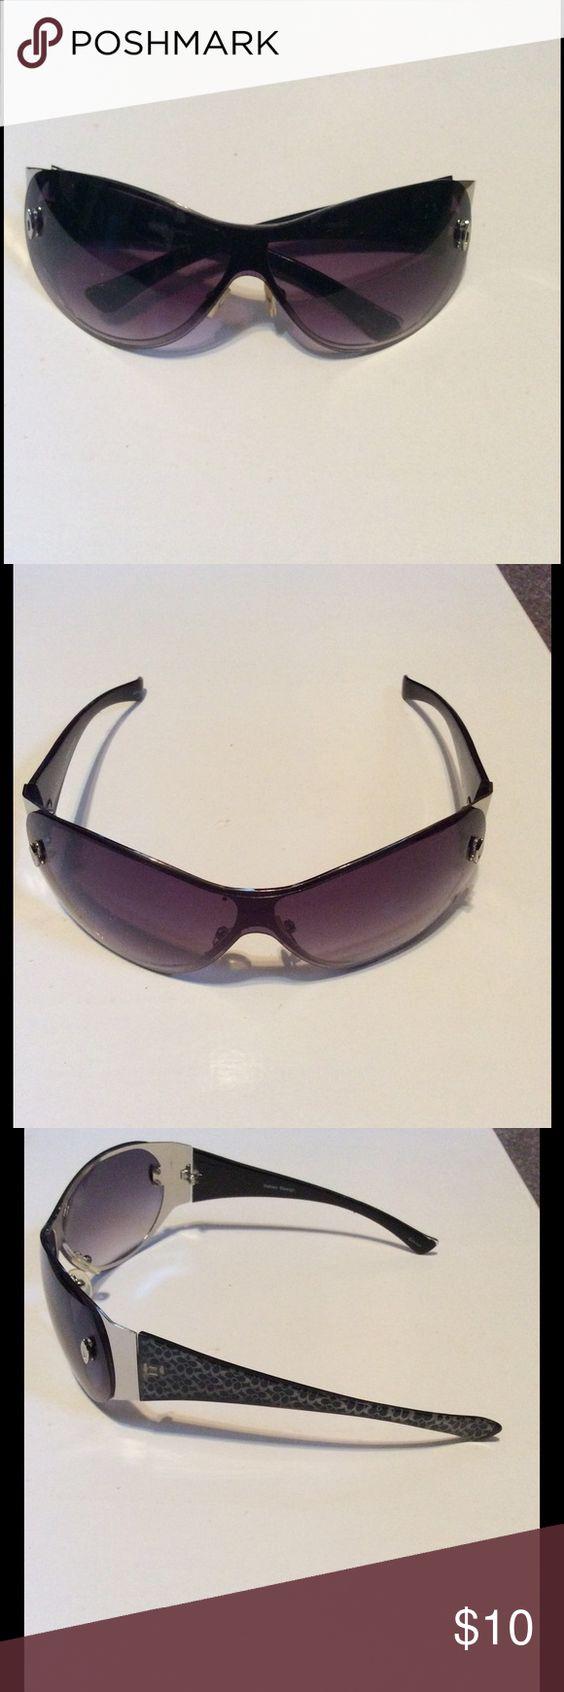 fashion sunglasses fashion sunglasses Accessories Glasses